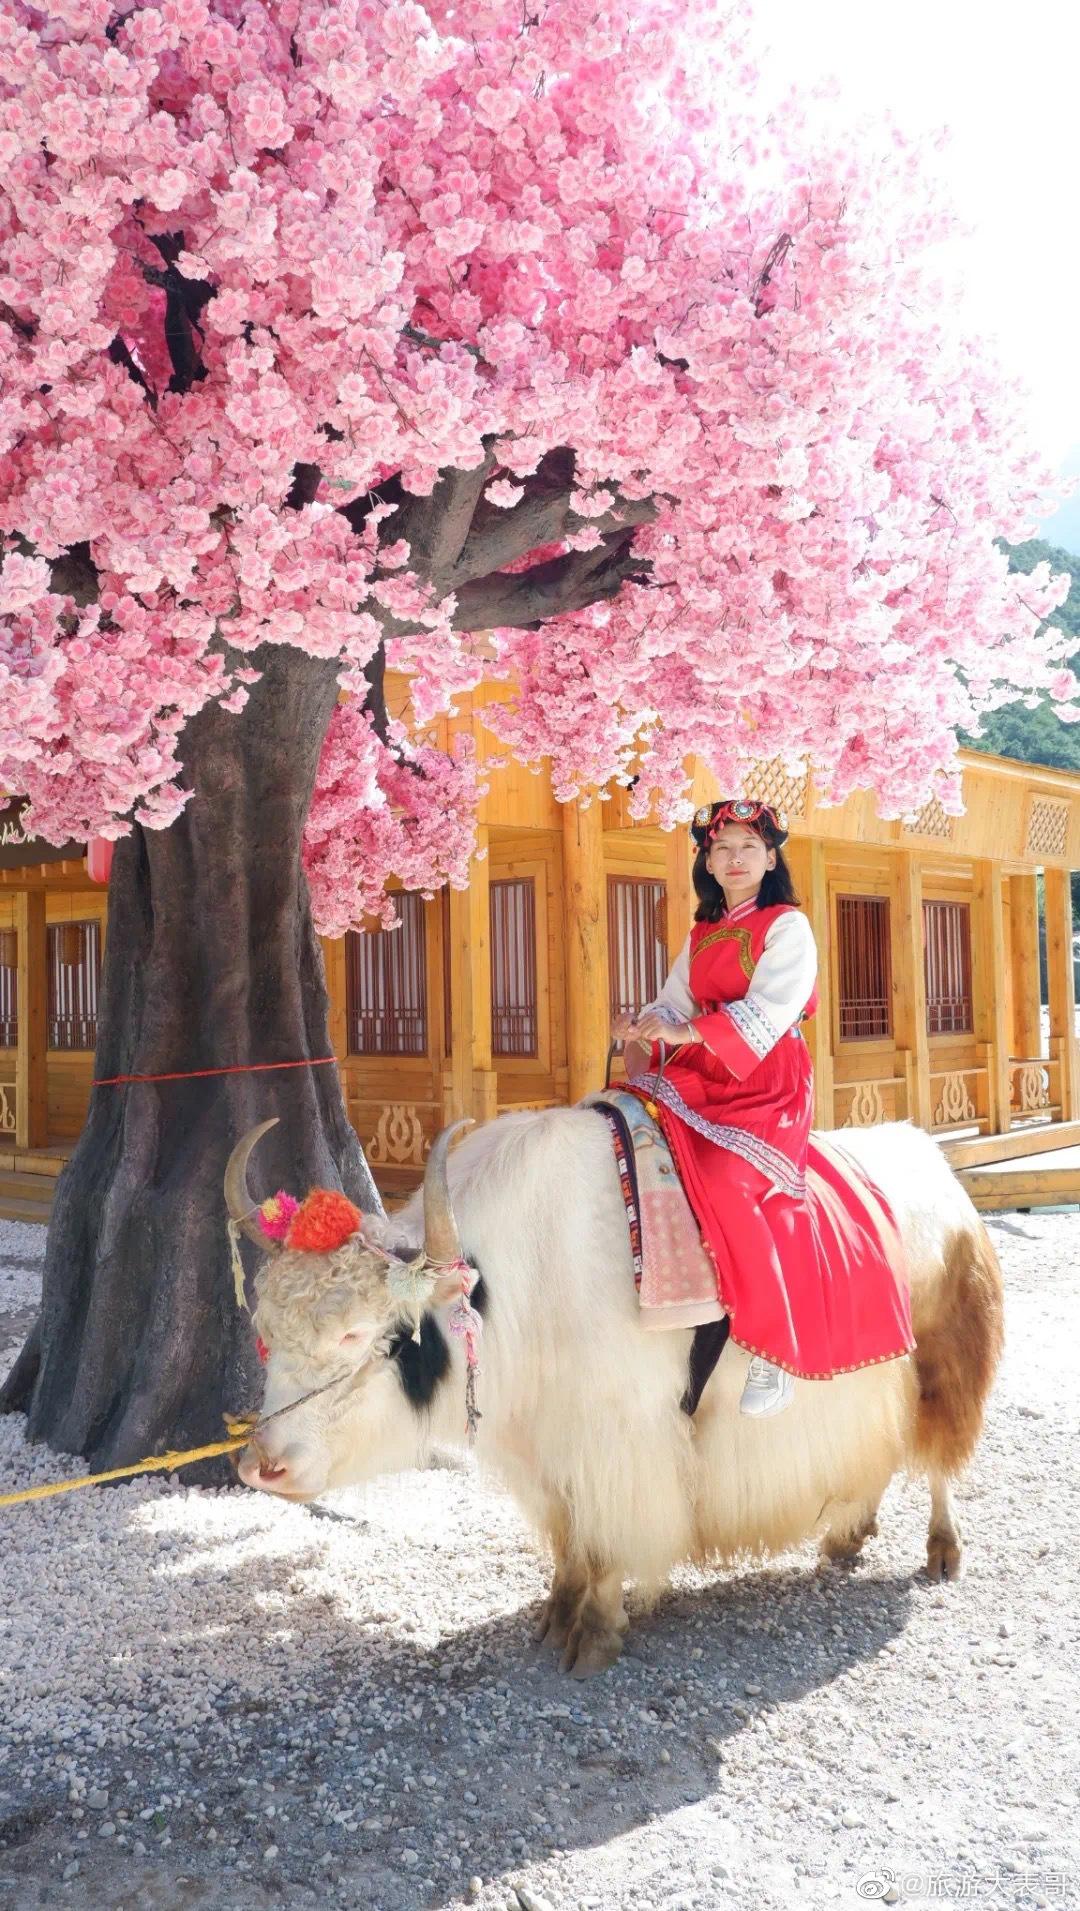 玉龙雪山脚下,蓝月谷网红树下,骑着白色的牦牛